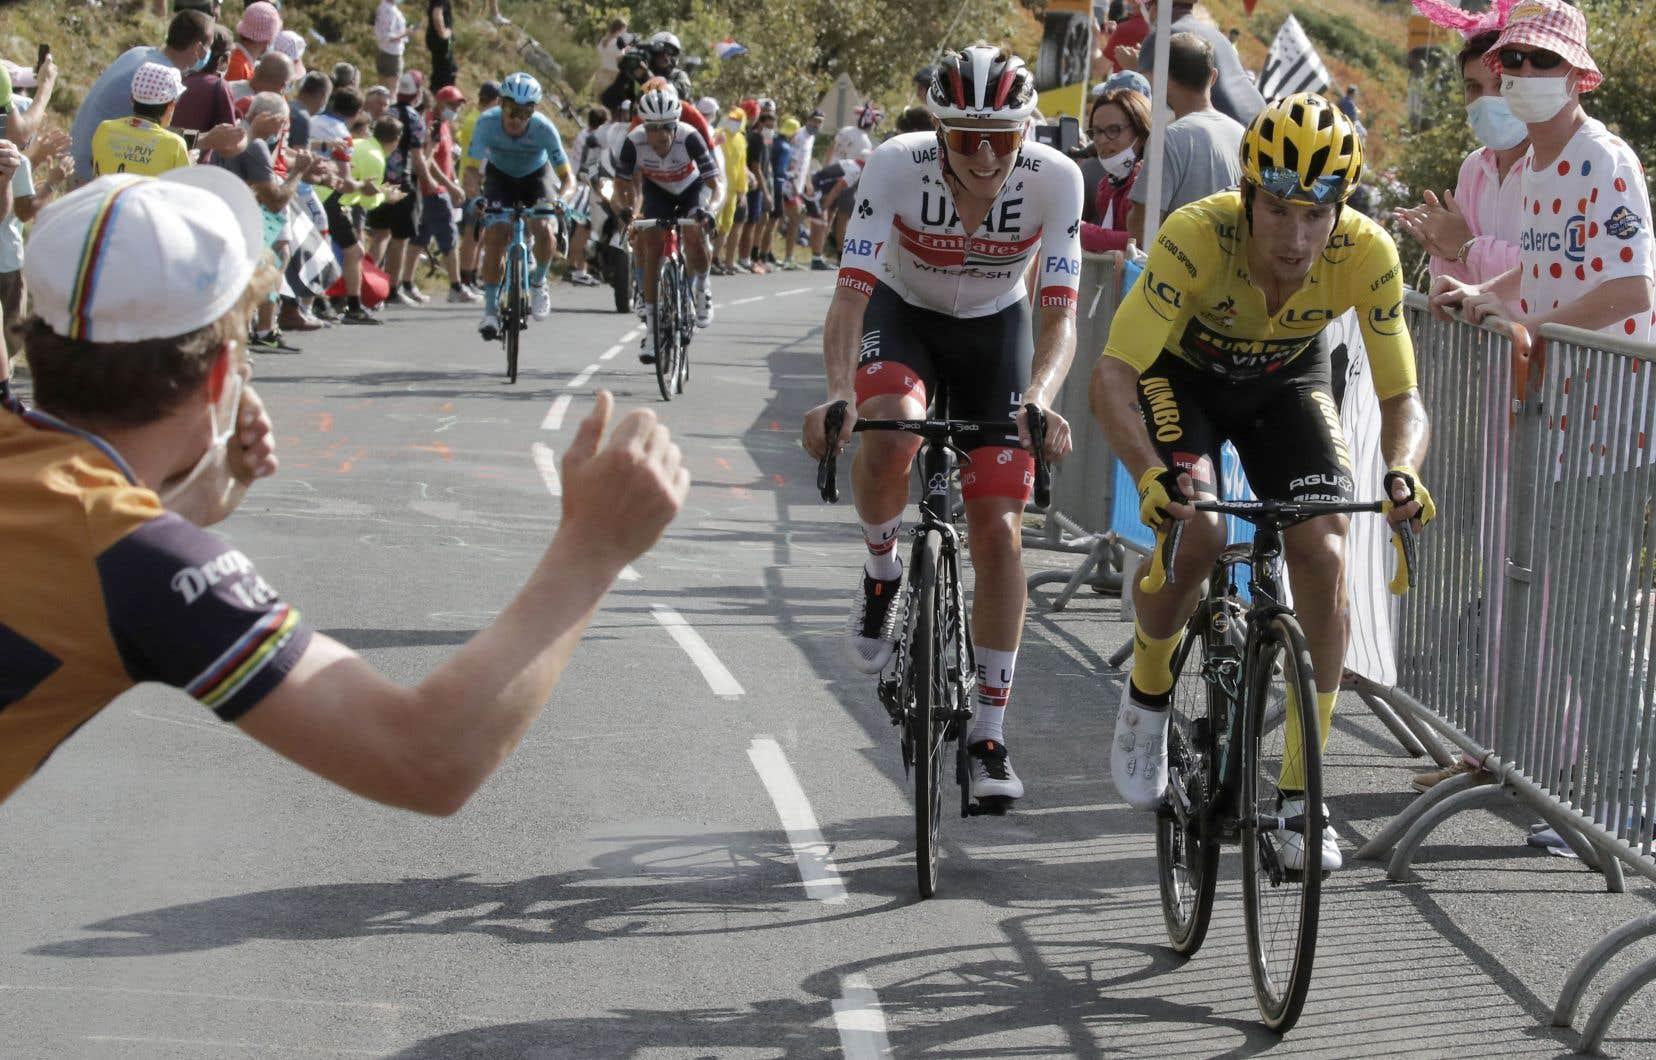 Le maillot jaune Primoz Roglic et Tadej Pogacar ont dominé leurs rivaux dans la 13e étape du Tour de France.